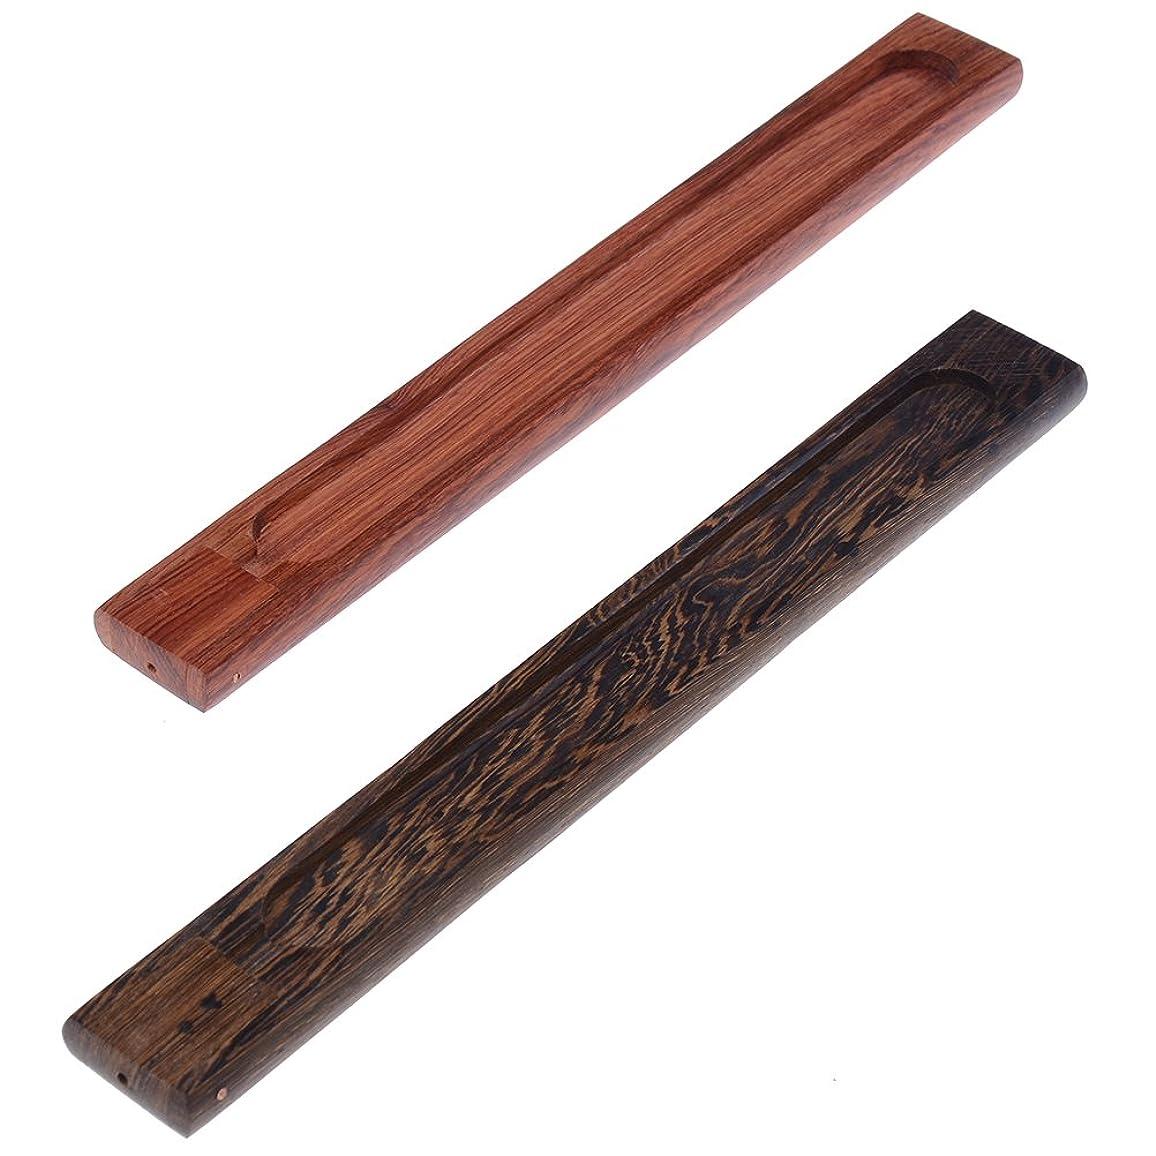 シンボル窓布yiphates 2ピース木製香炉スティックホルダーAshキャッチャー木製トレイwith Adjustable Incense Stick Holder